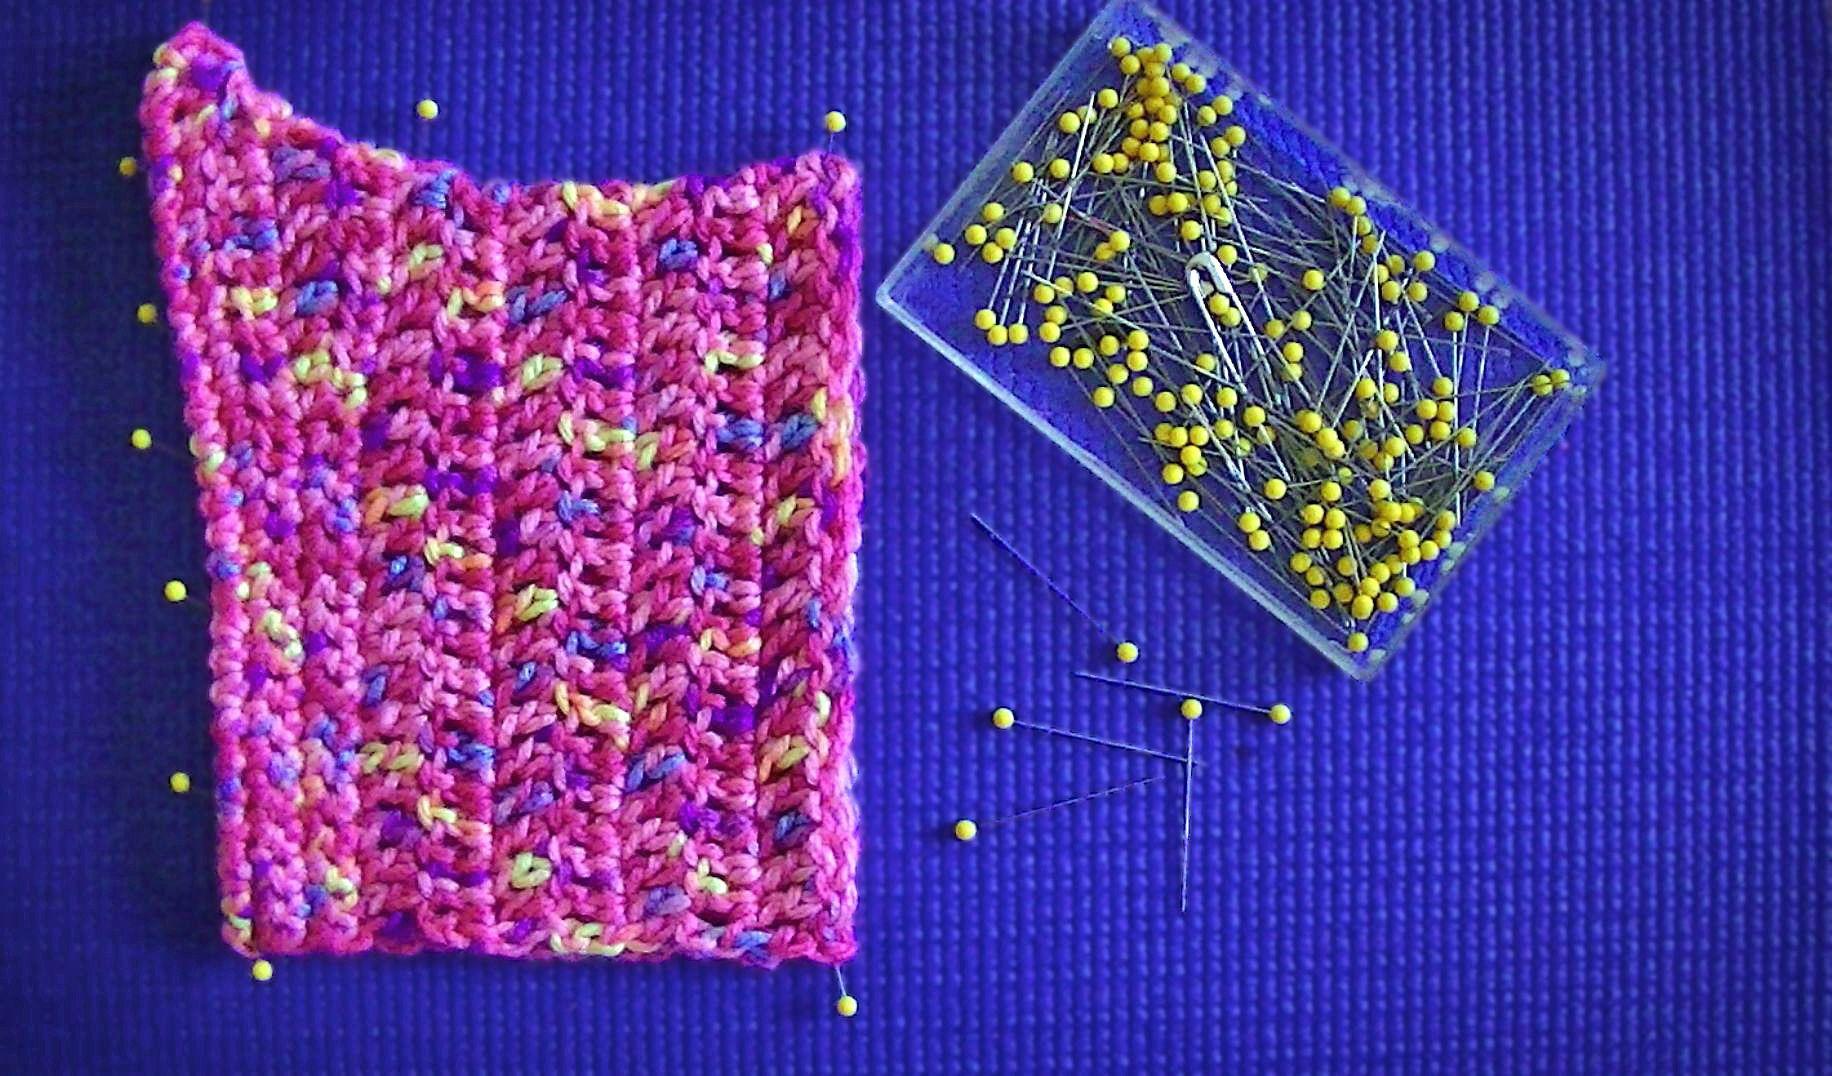 Fotos gratis : púrpura, patrón, sombrero, rosado, resplandecer ...